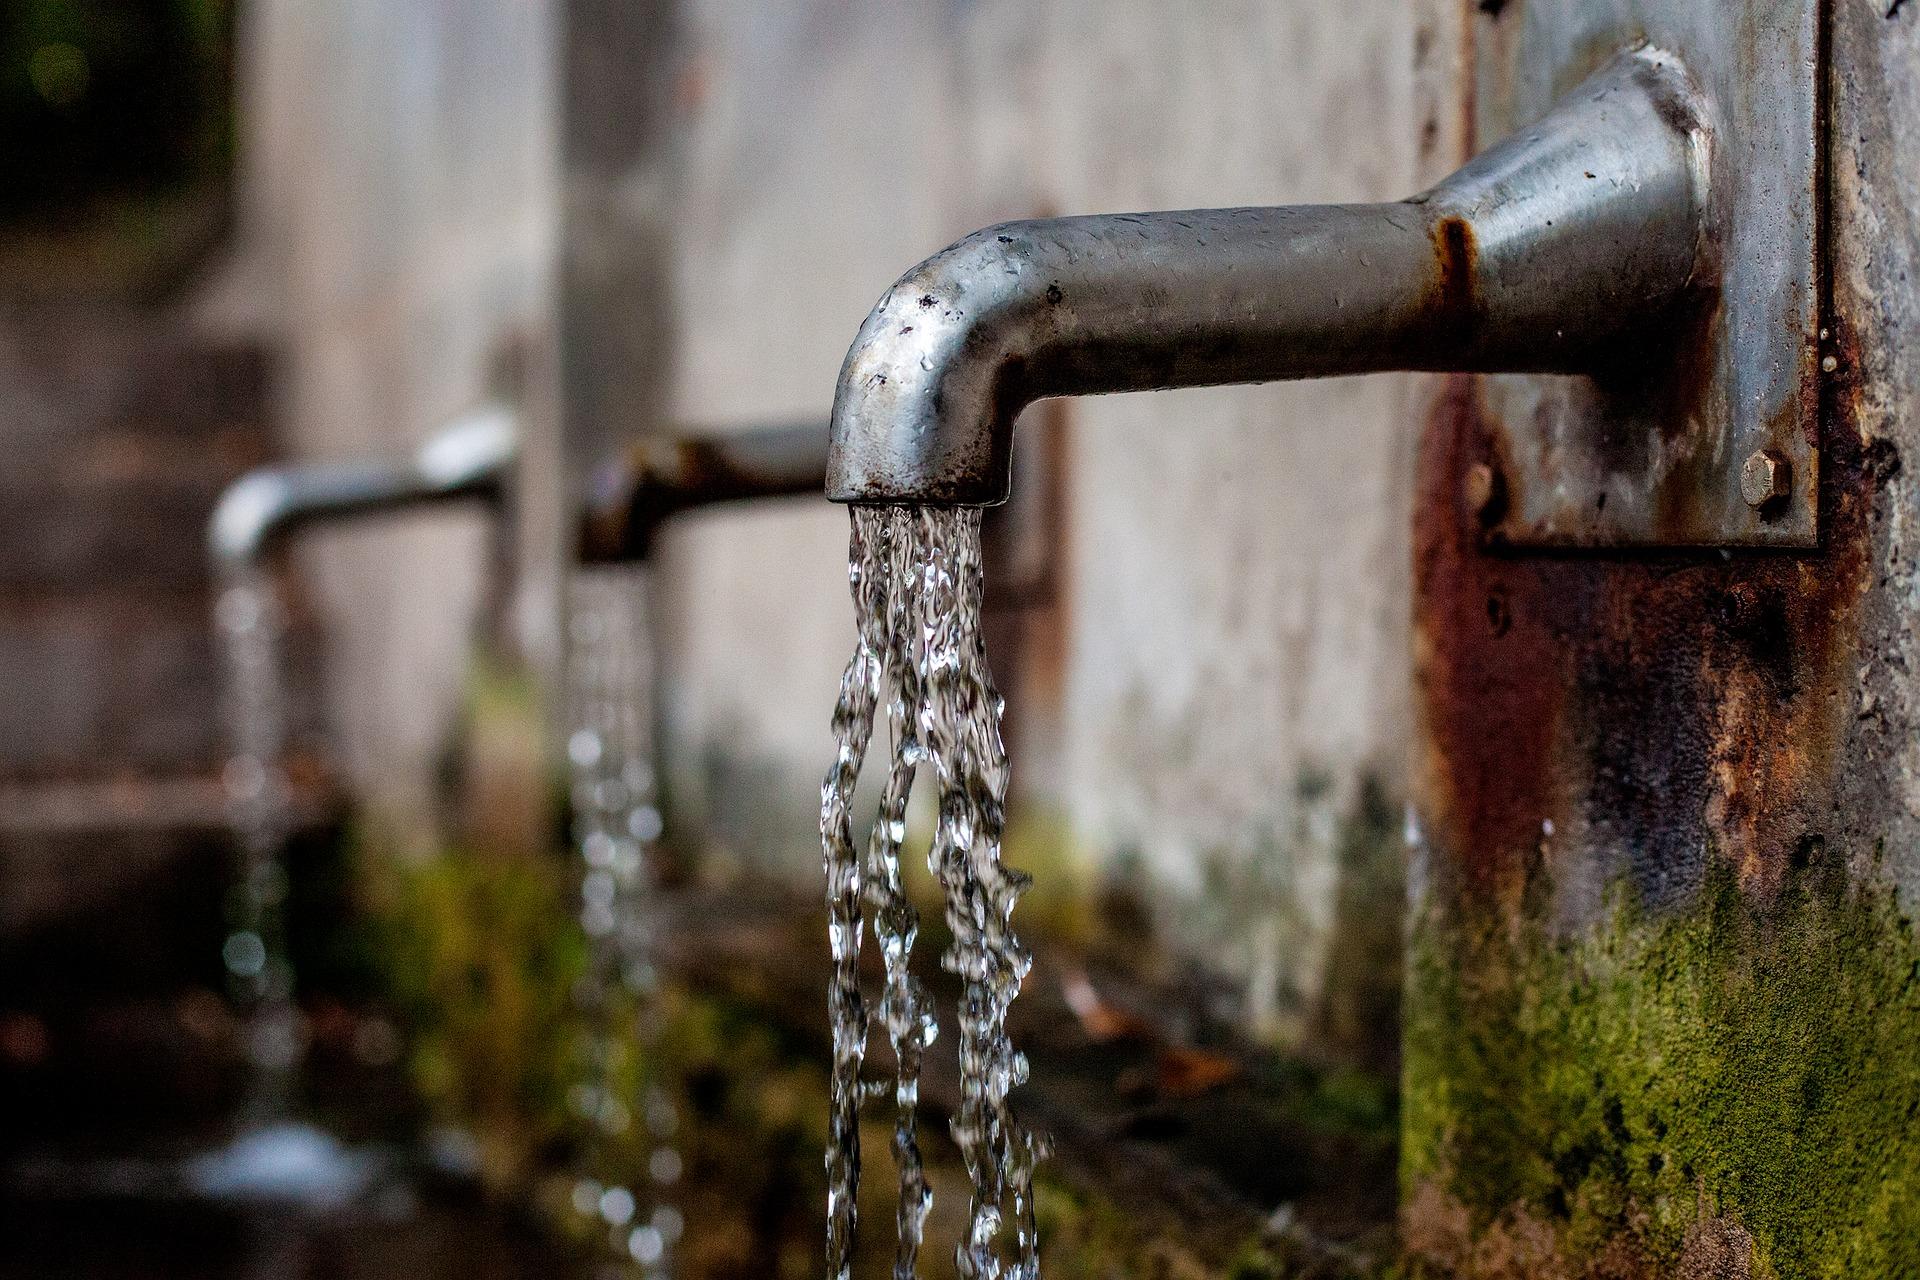 EineWeltBlaBla_Wasser-Ein Kampf ums Überleben